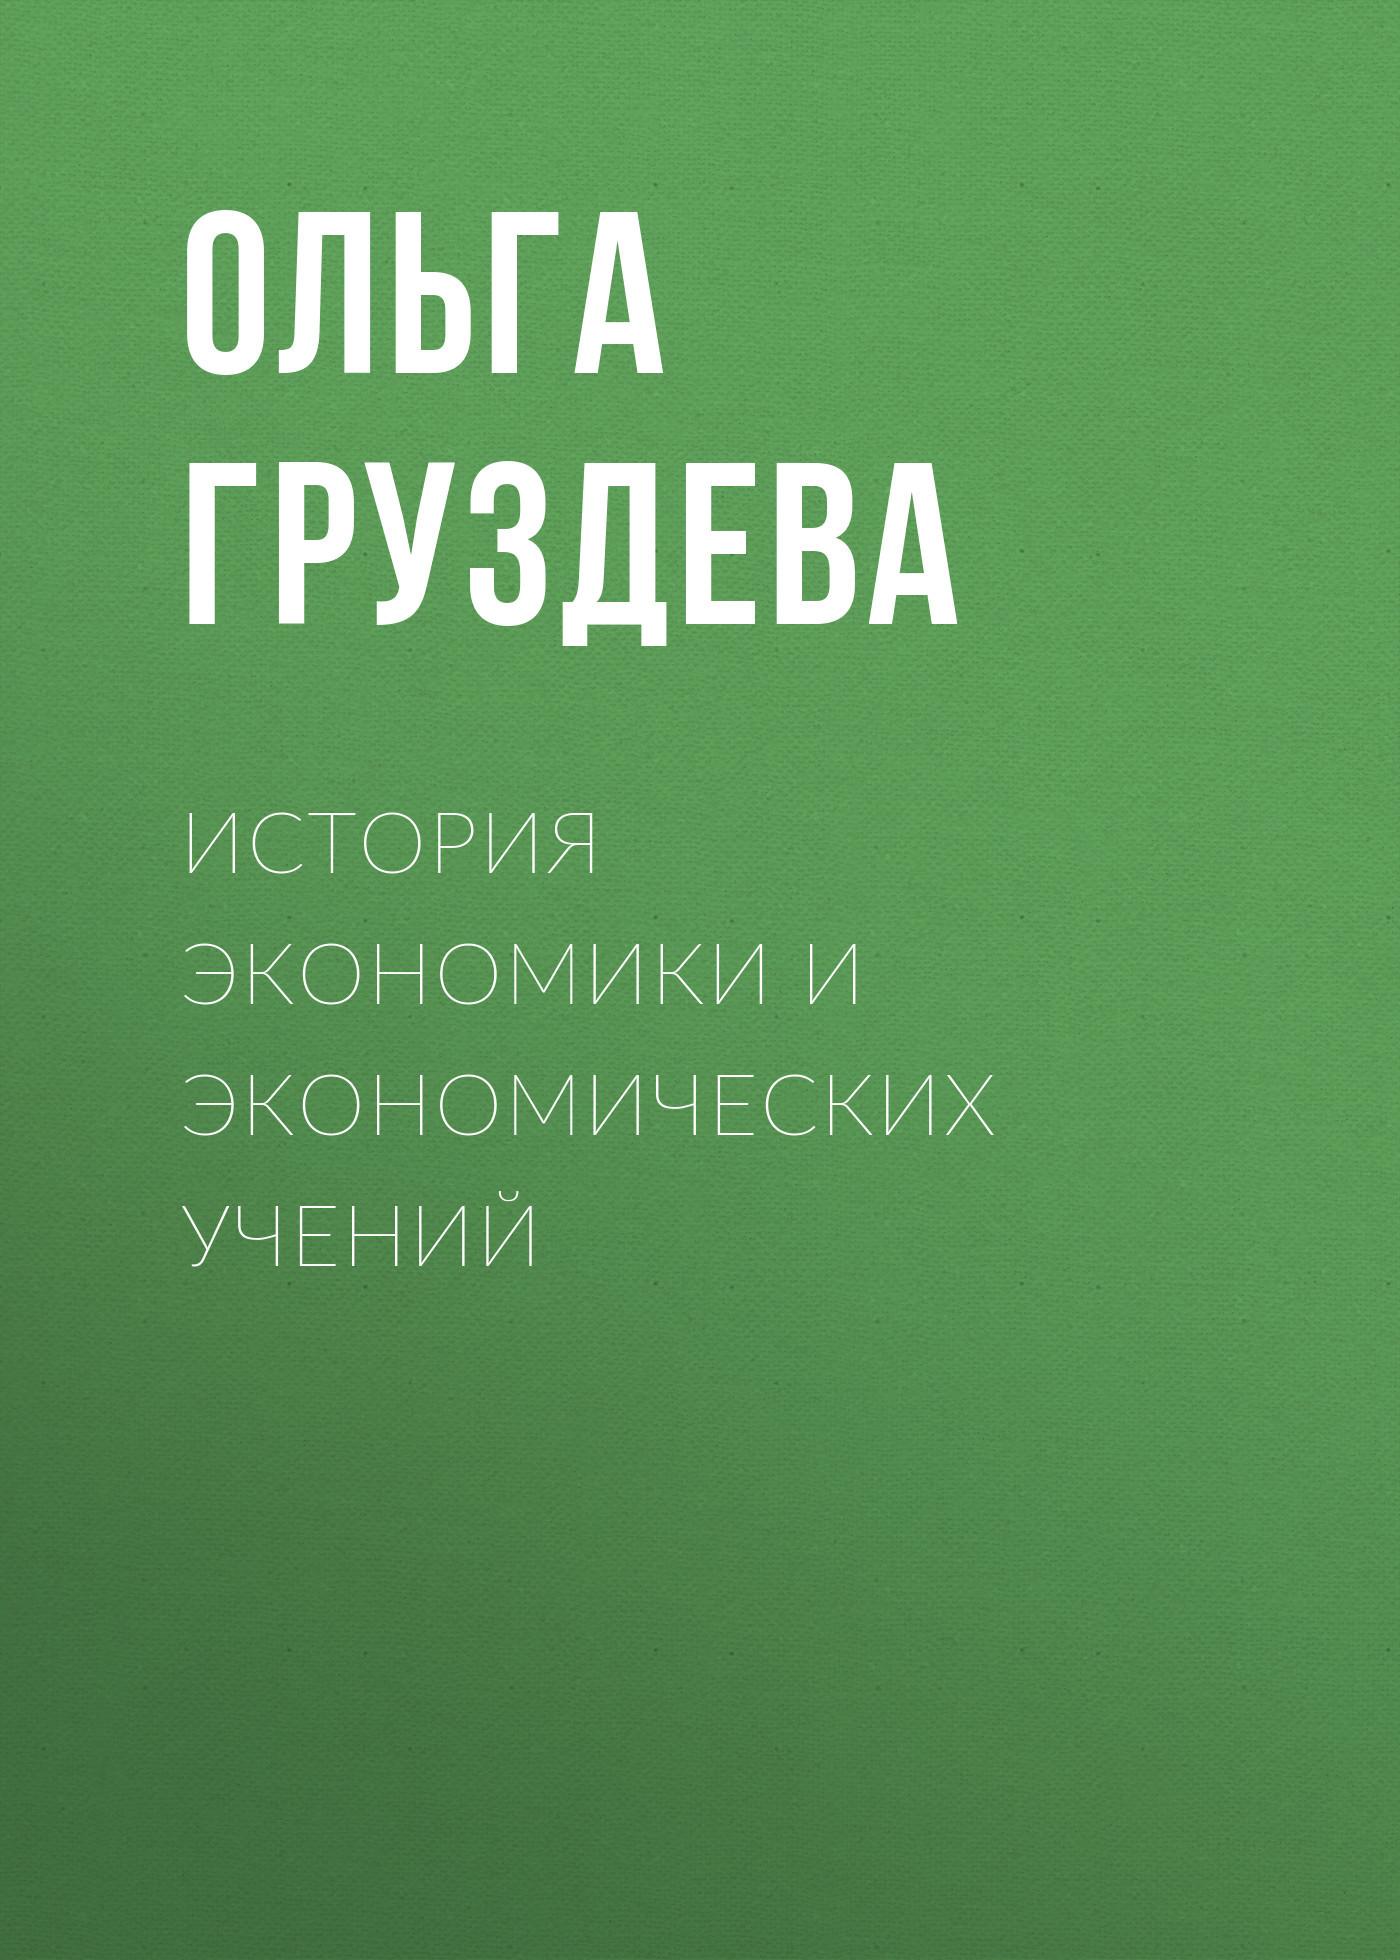 Ольга Груздева. История экономики и экономических учений